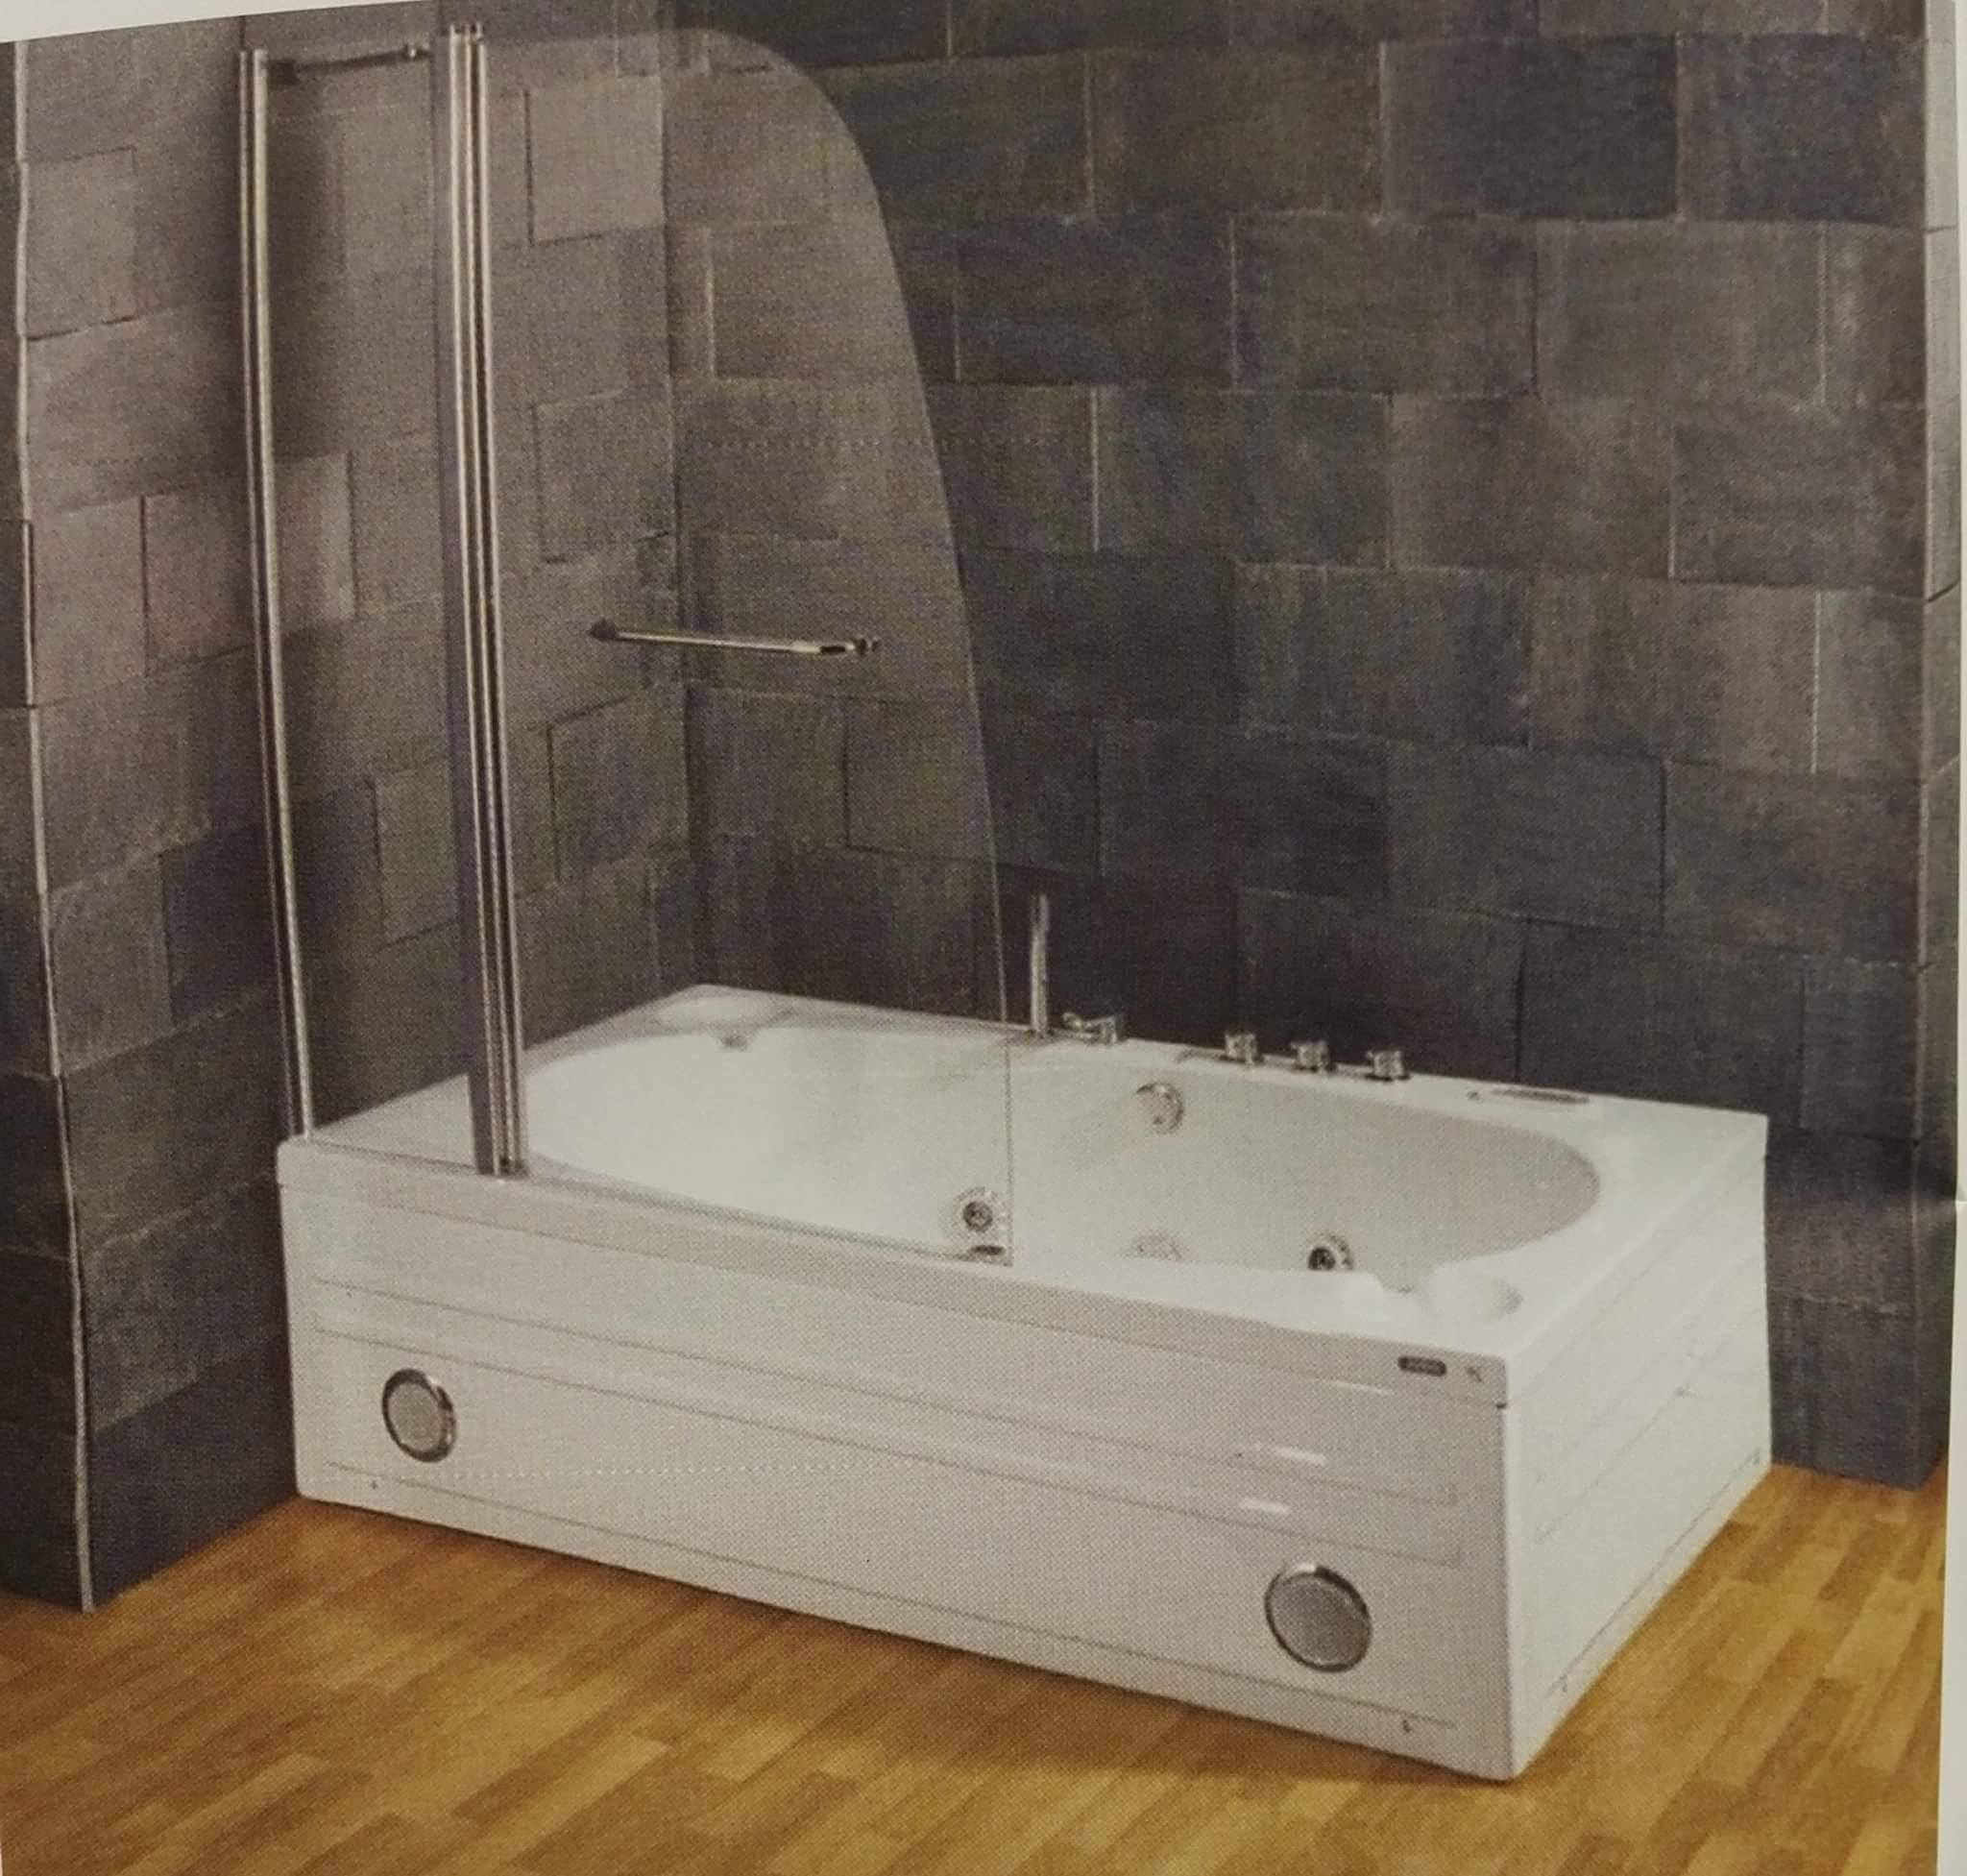 Ofertamamparas mamparas de ducha baratas el mejor precio for Rodamientos mampara bano